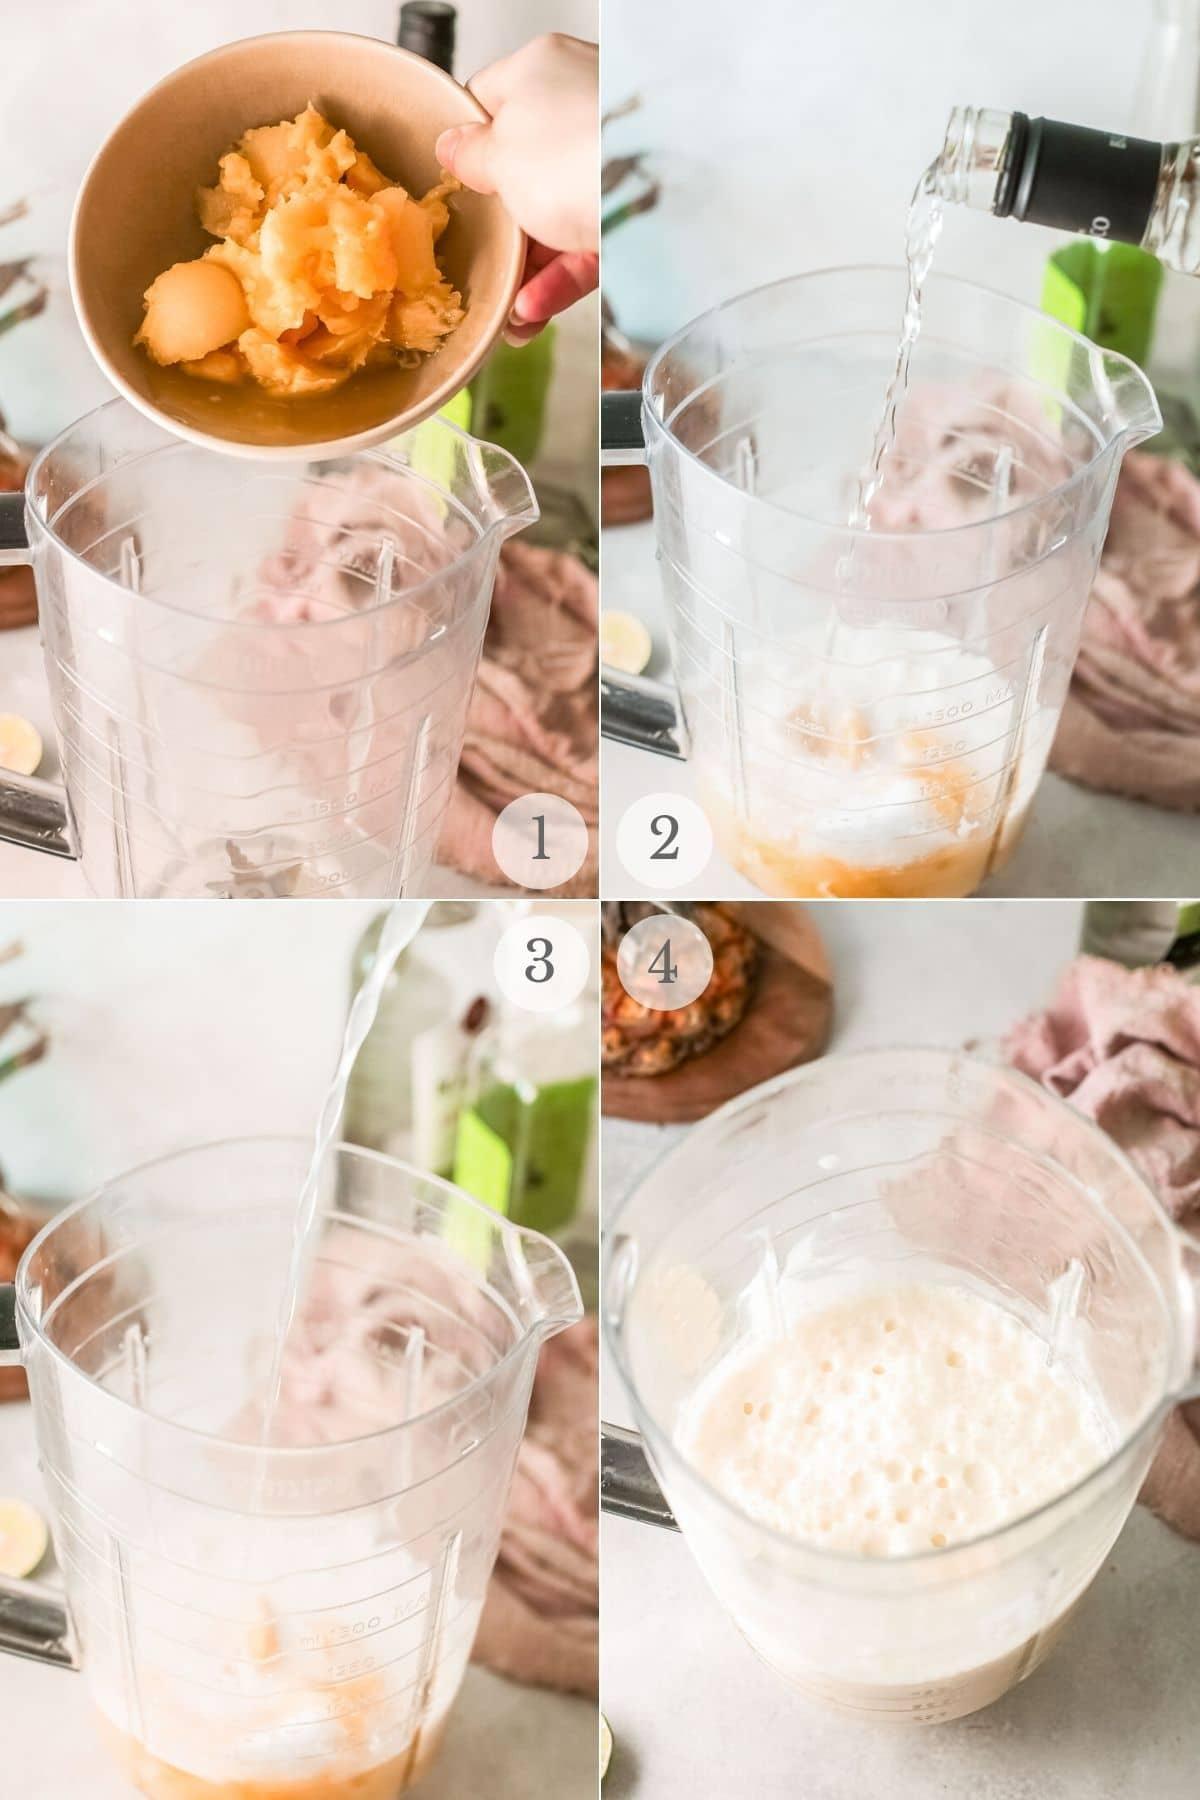 pina colada recipe steps